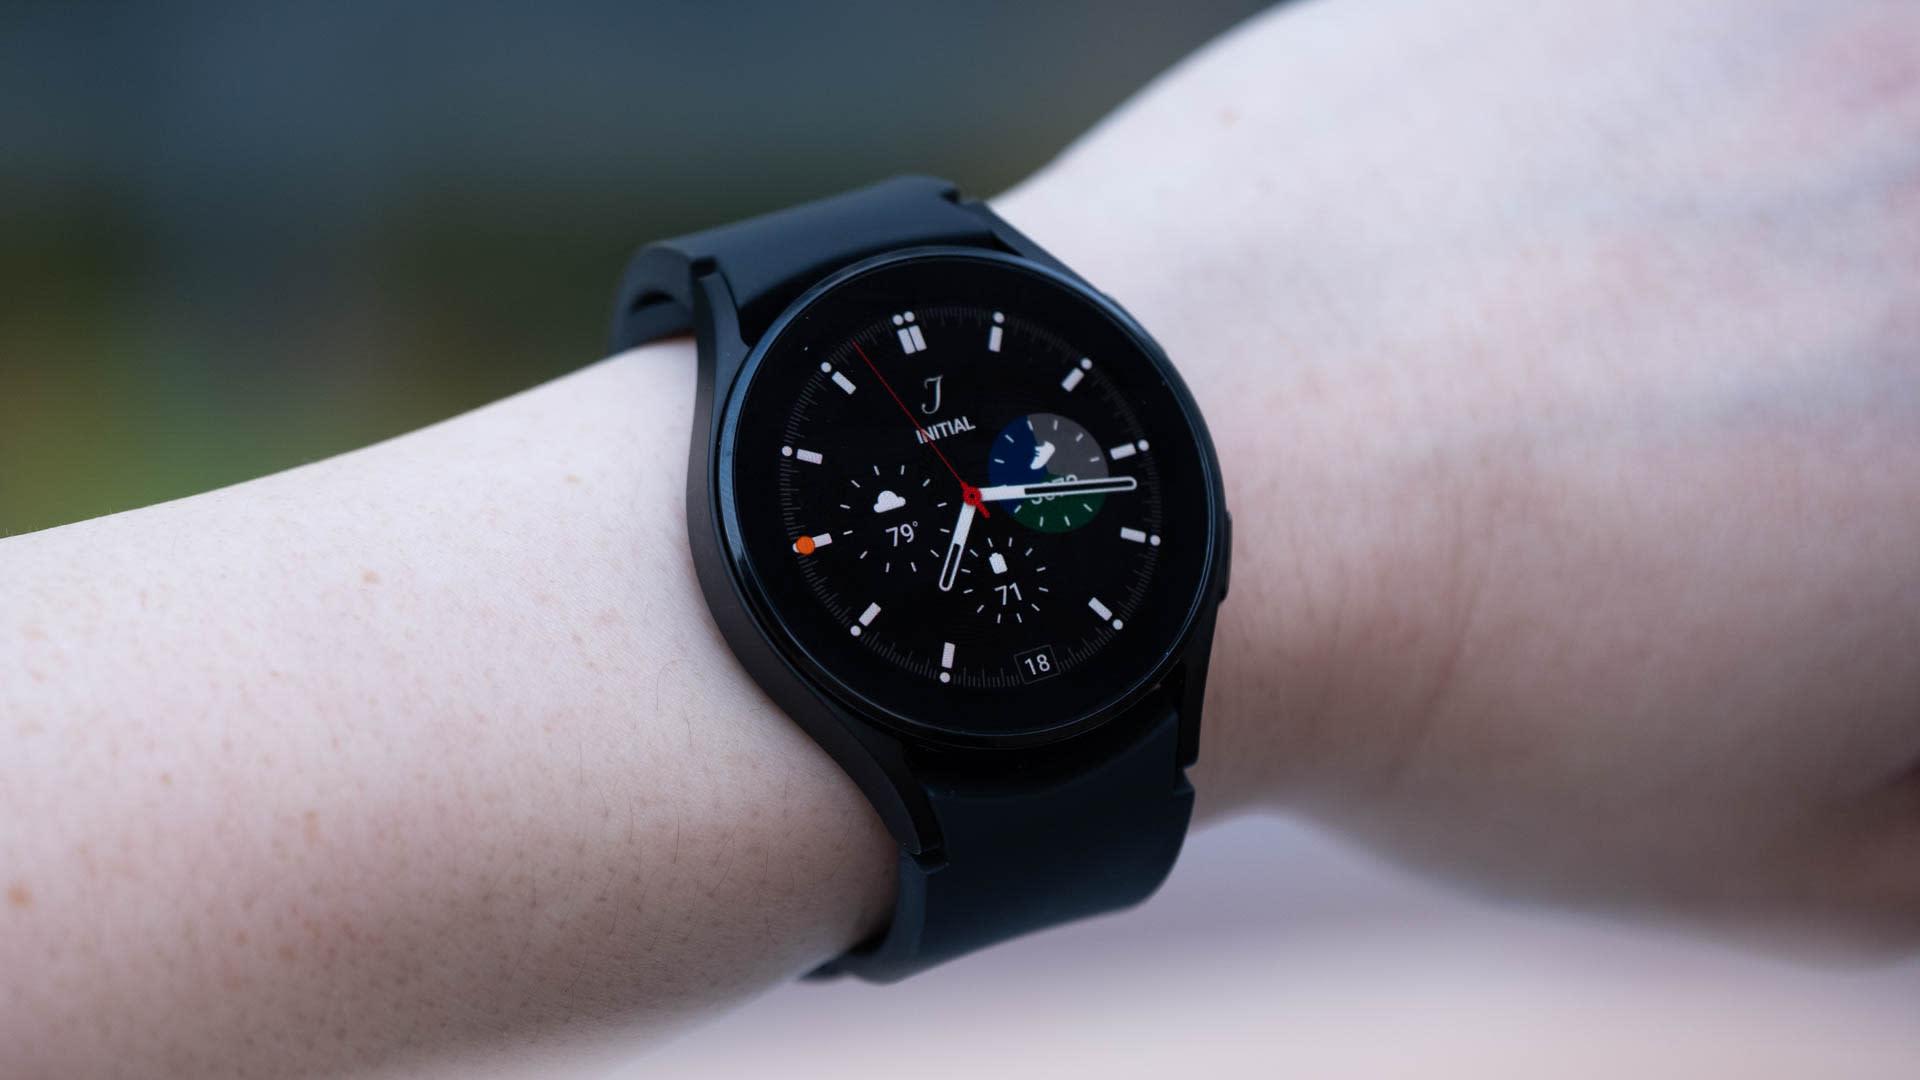 A black Samsung Galaxy Watch 4 on a wrist